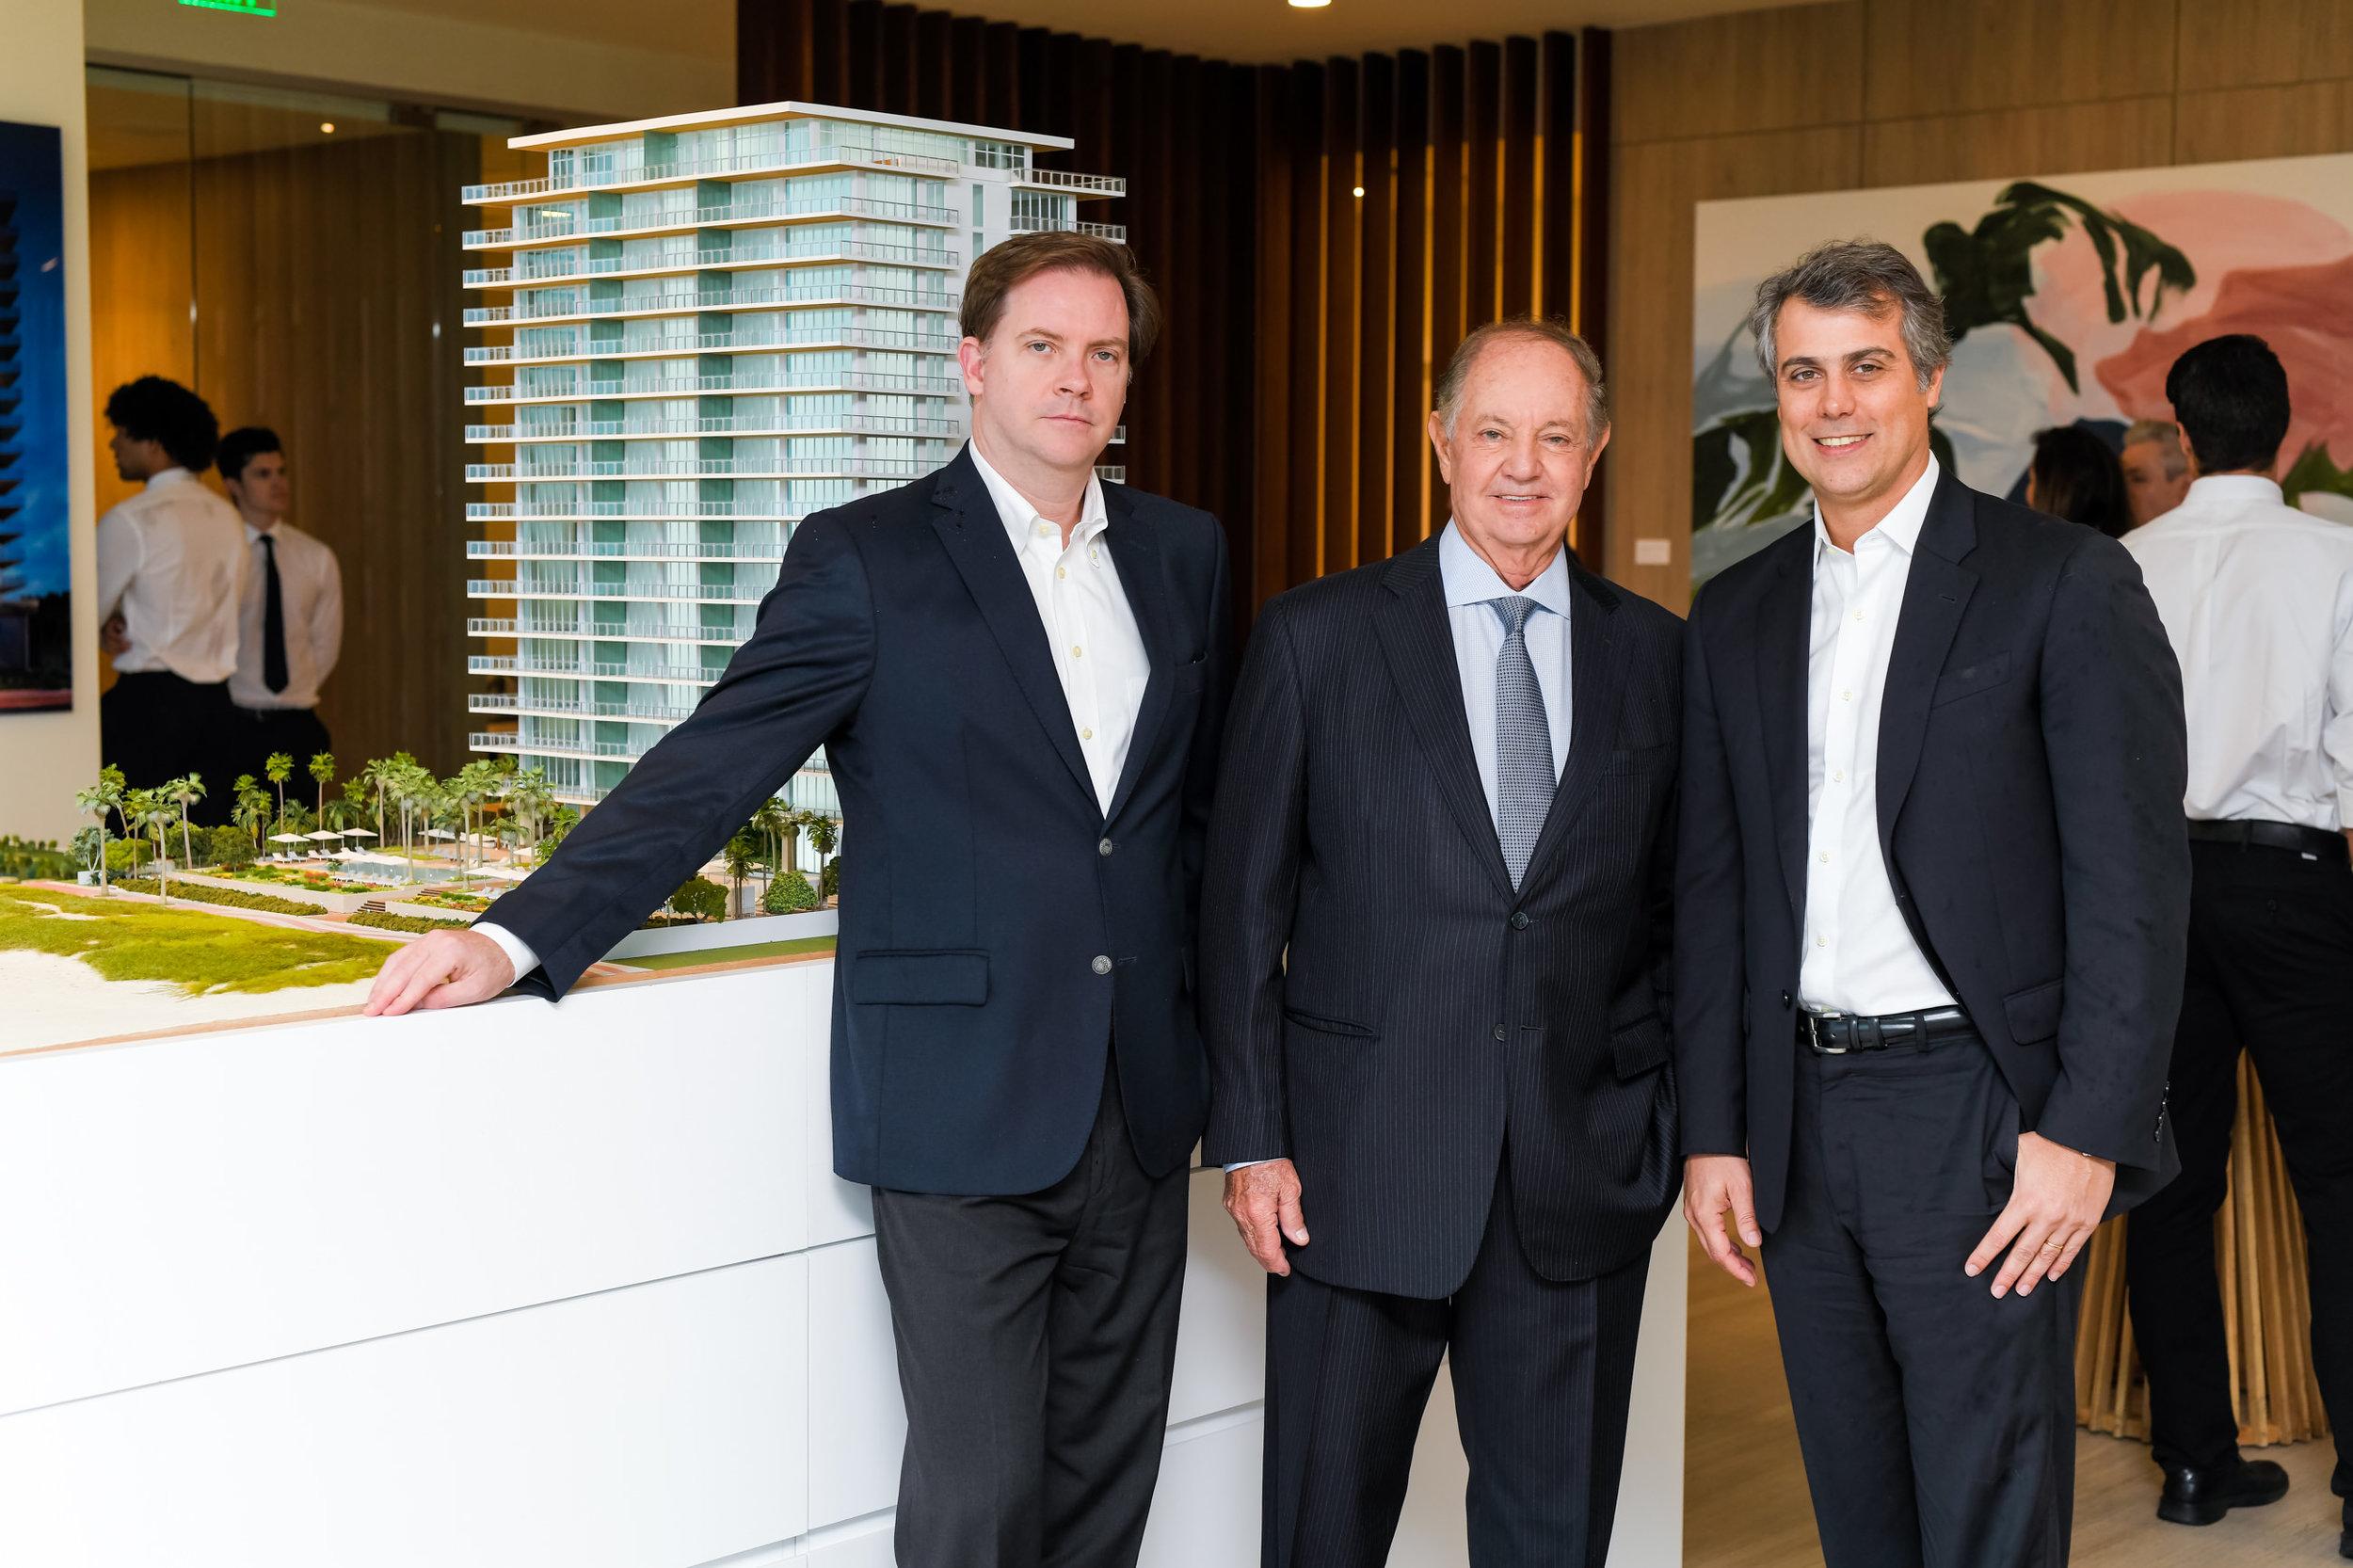 Ricardo Peixoto, Dr. José Isaac Peres and Marcelo Kingston